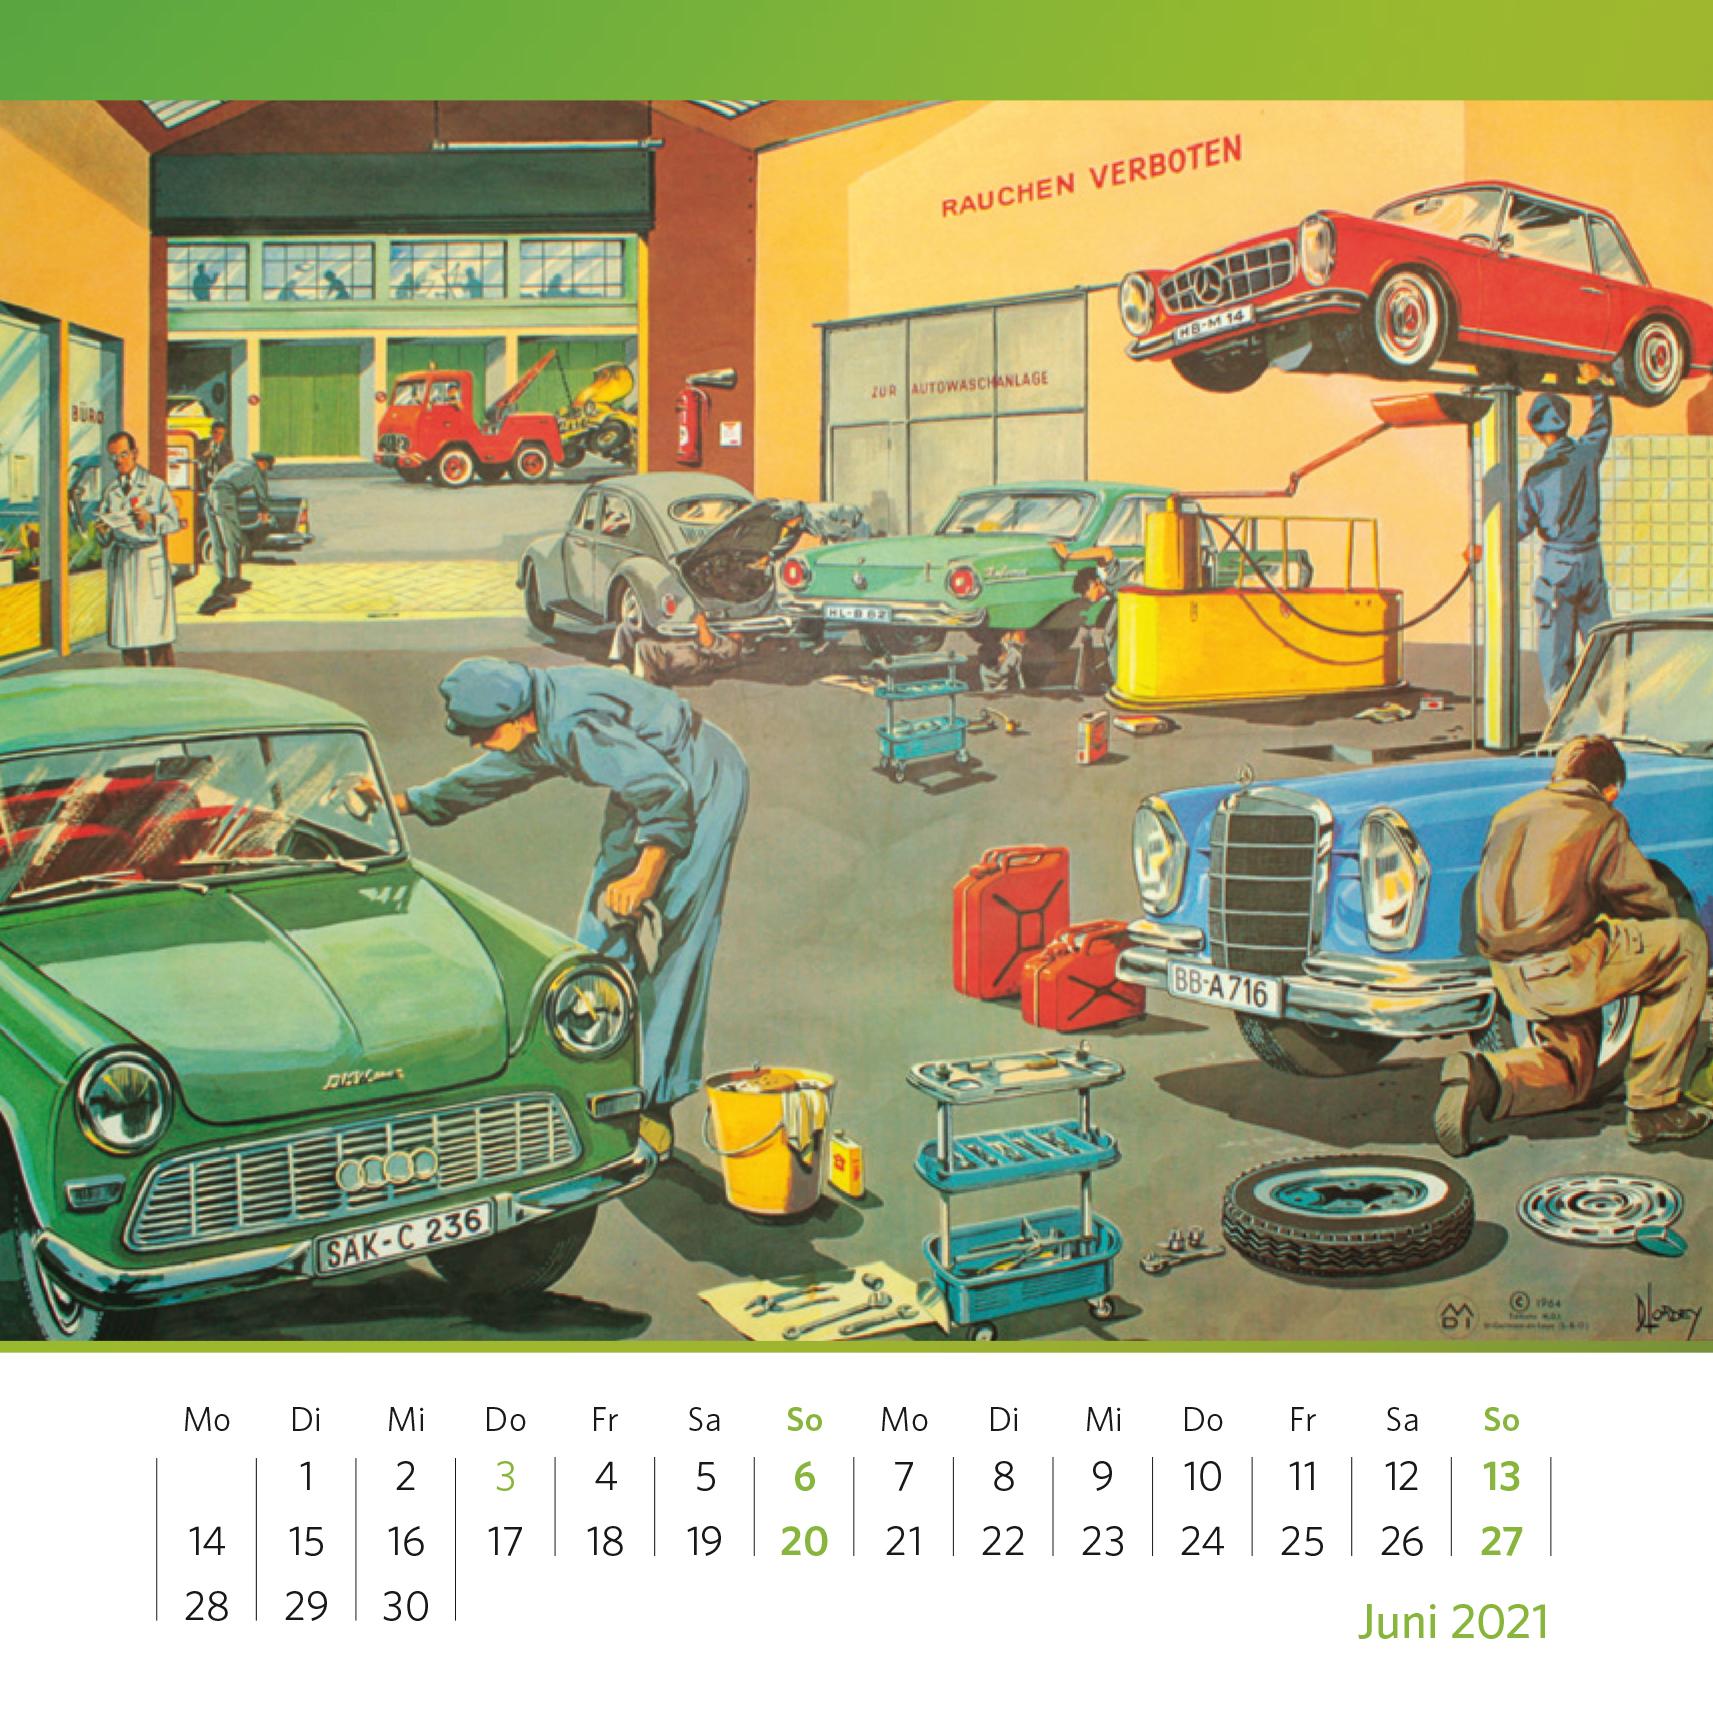 Nach dem Service ist wieder alles im grünen Bereich. Schulwandtafel mit Autowerkstatt, Druckgrafik, 1964. Foto: Oliver Kolken